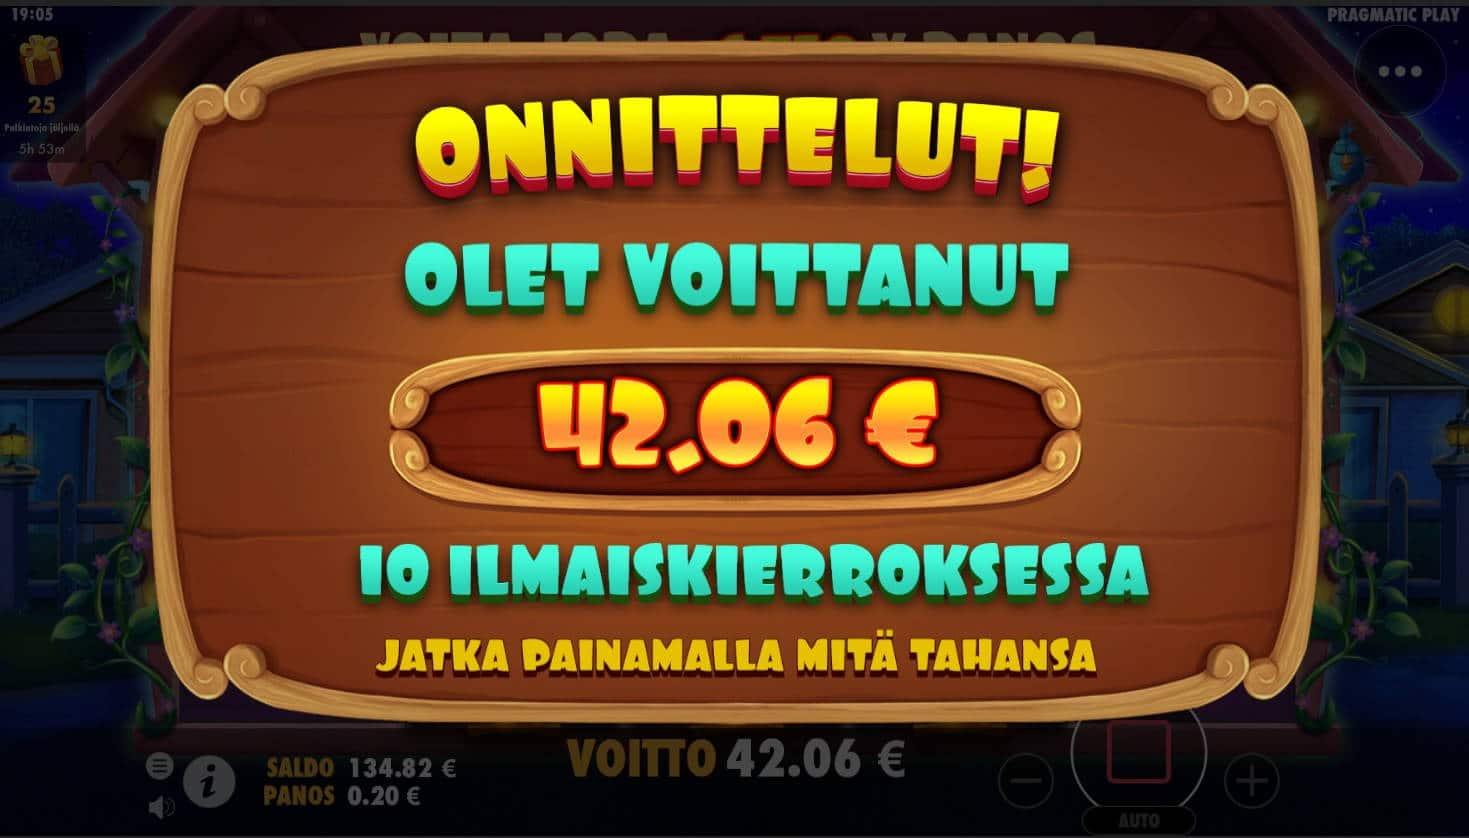 The Dog House Casino win picture by Mrmork666 31.5.2021 42.06e 210X